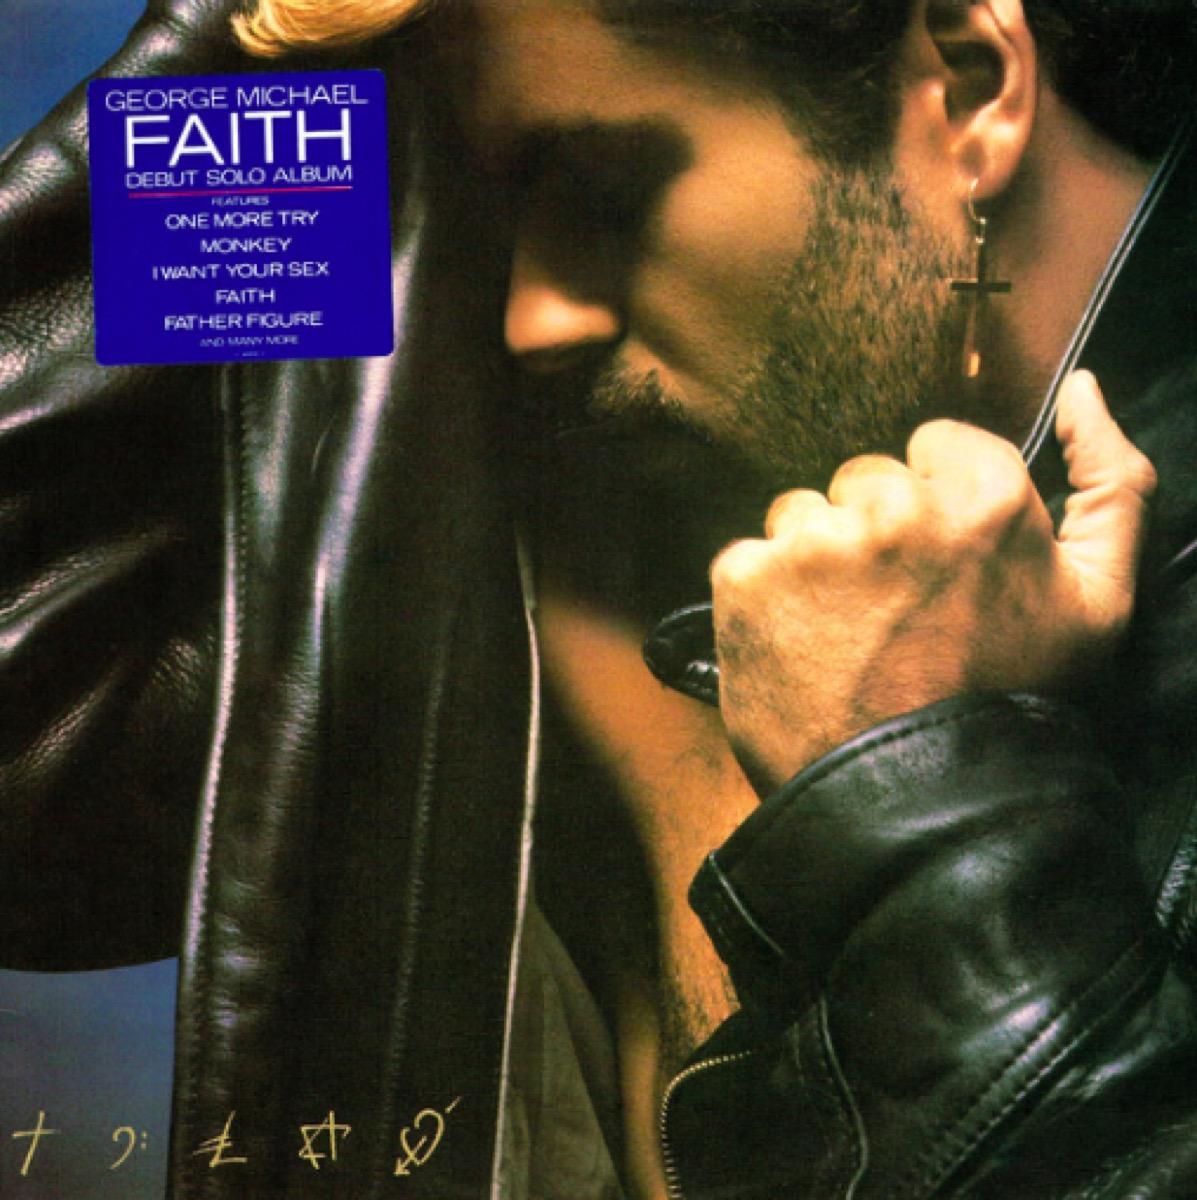 Faith George Michael album